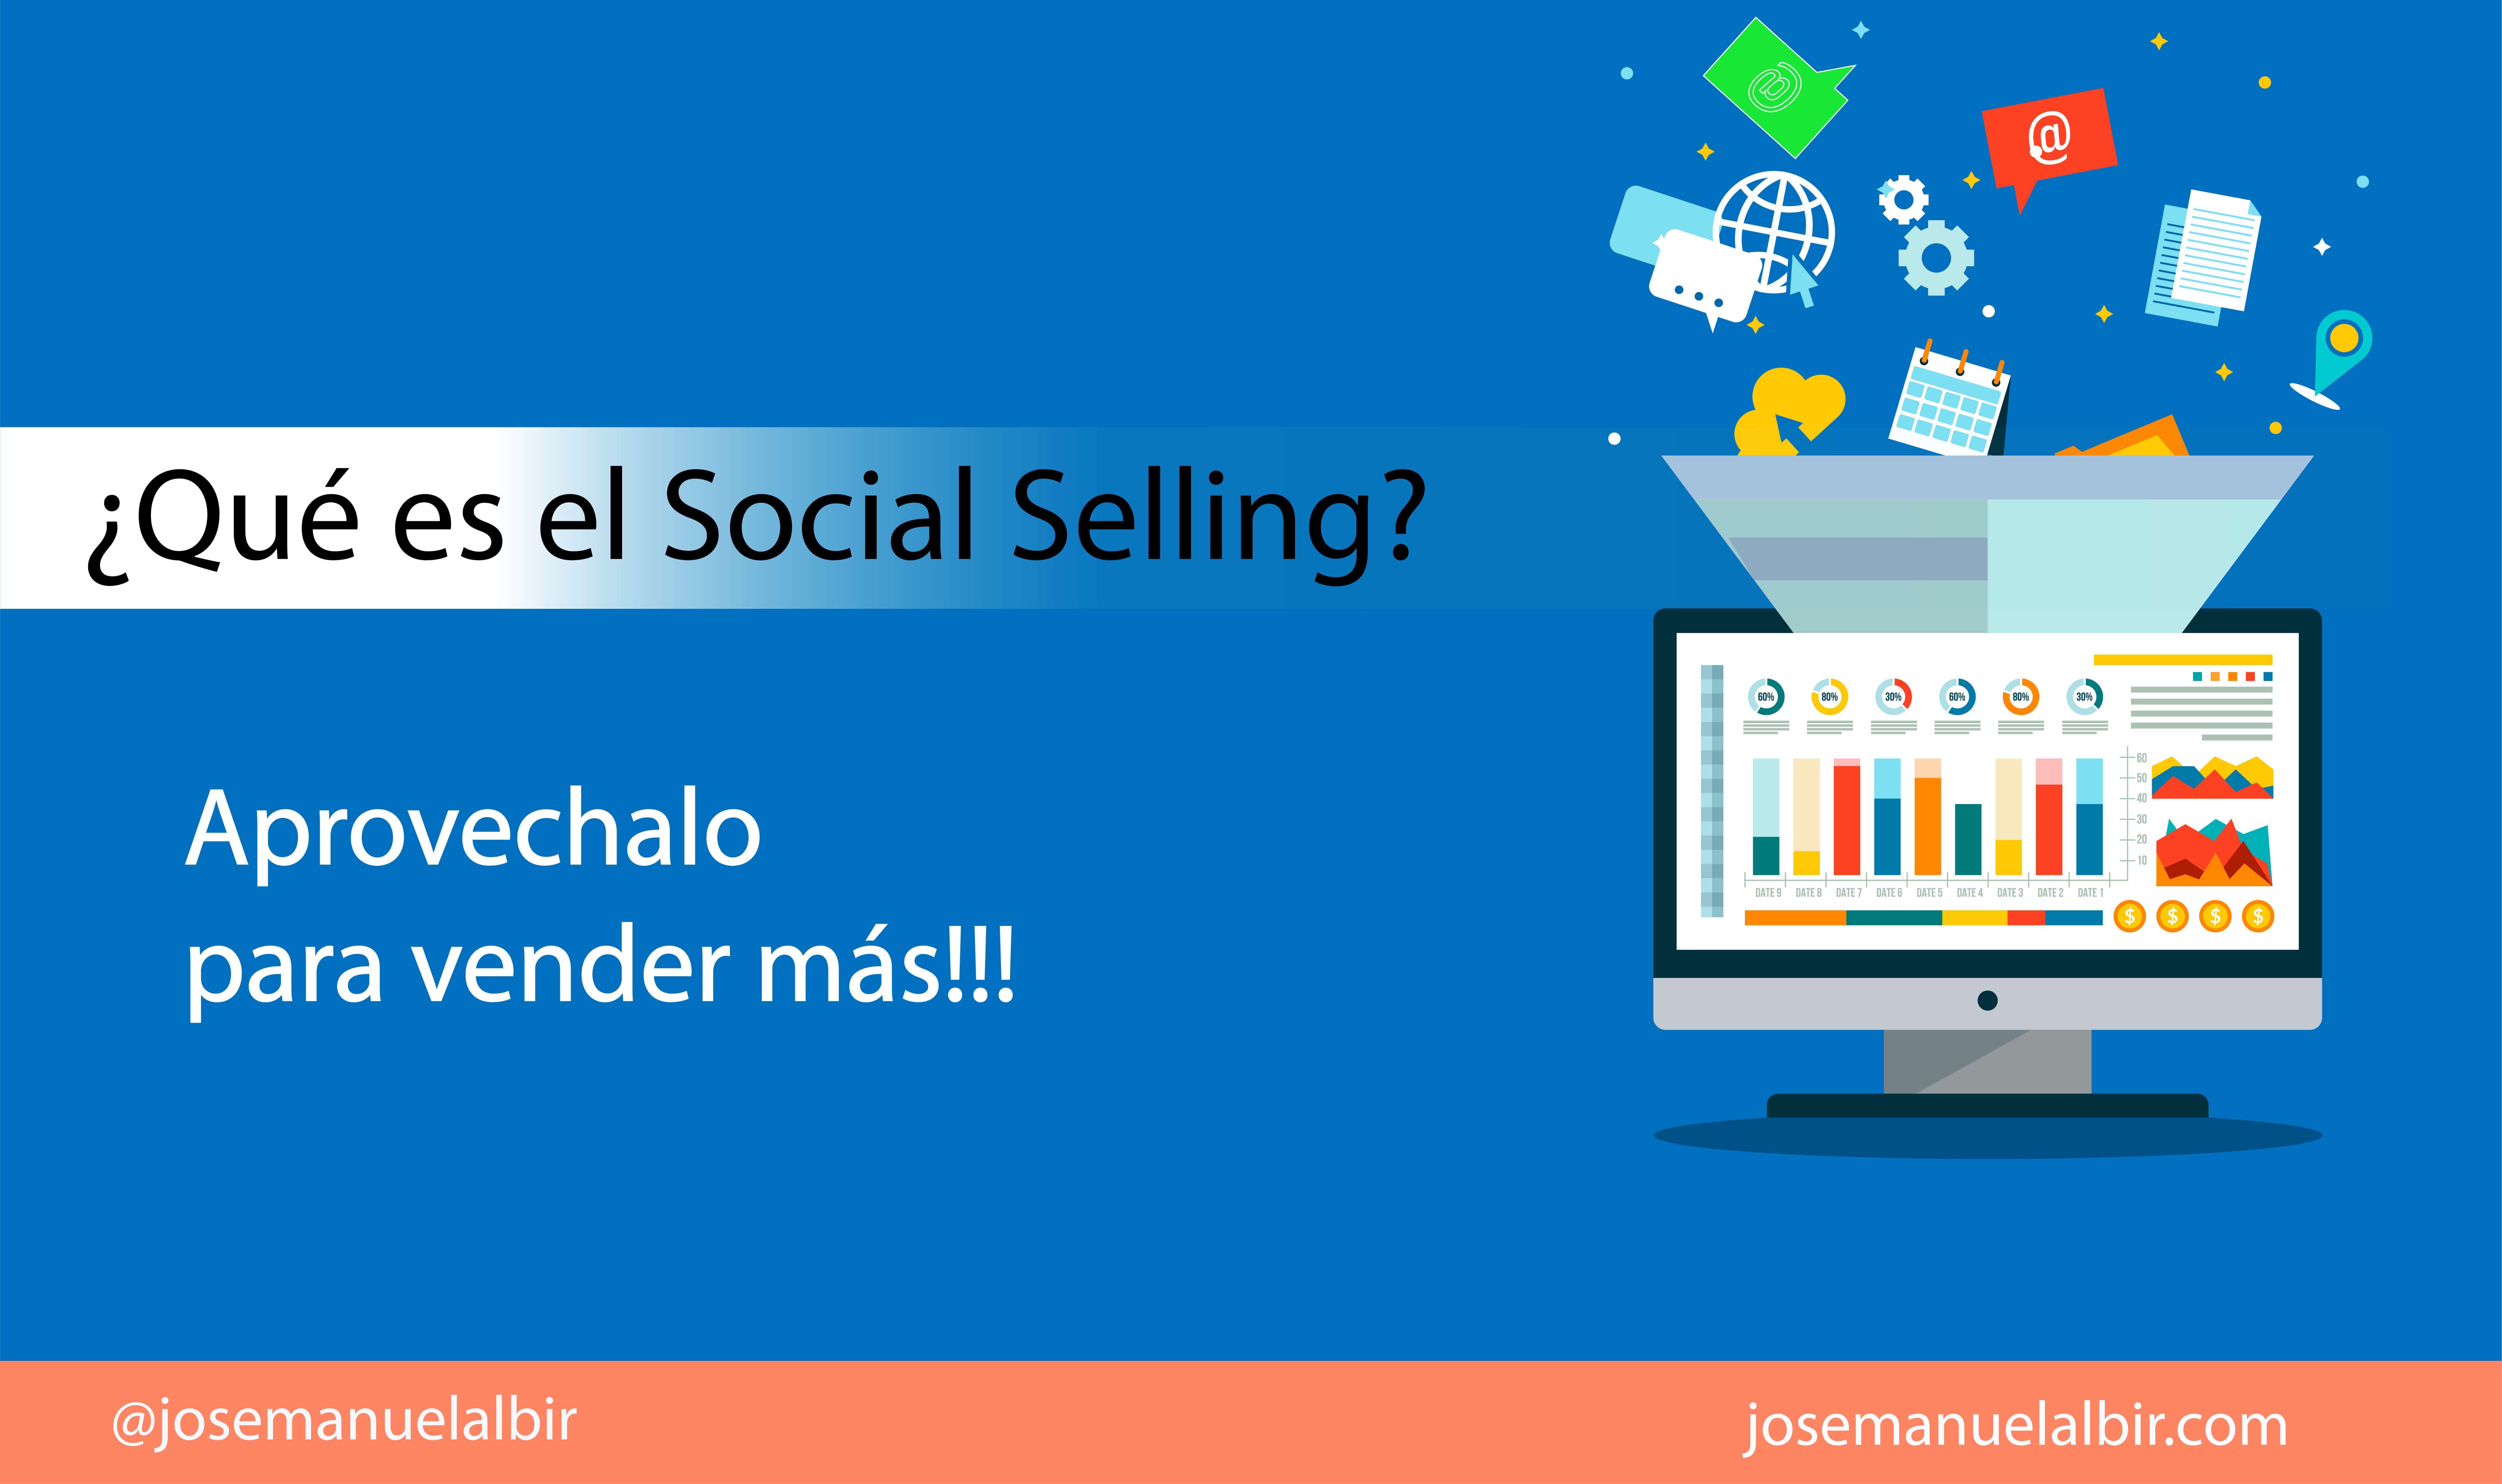 ¿Qué es Social Selling?